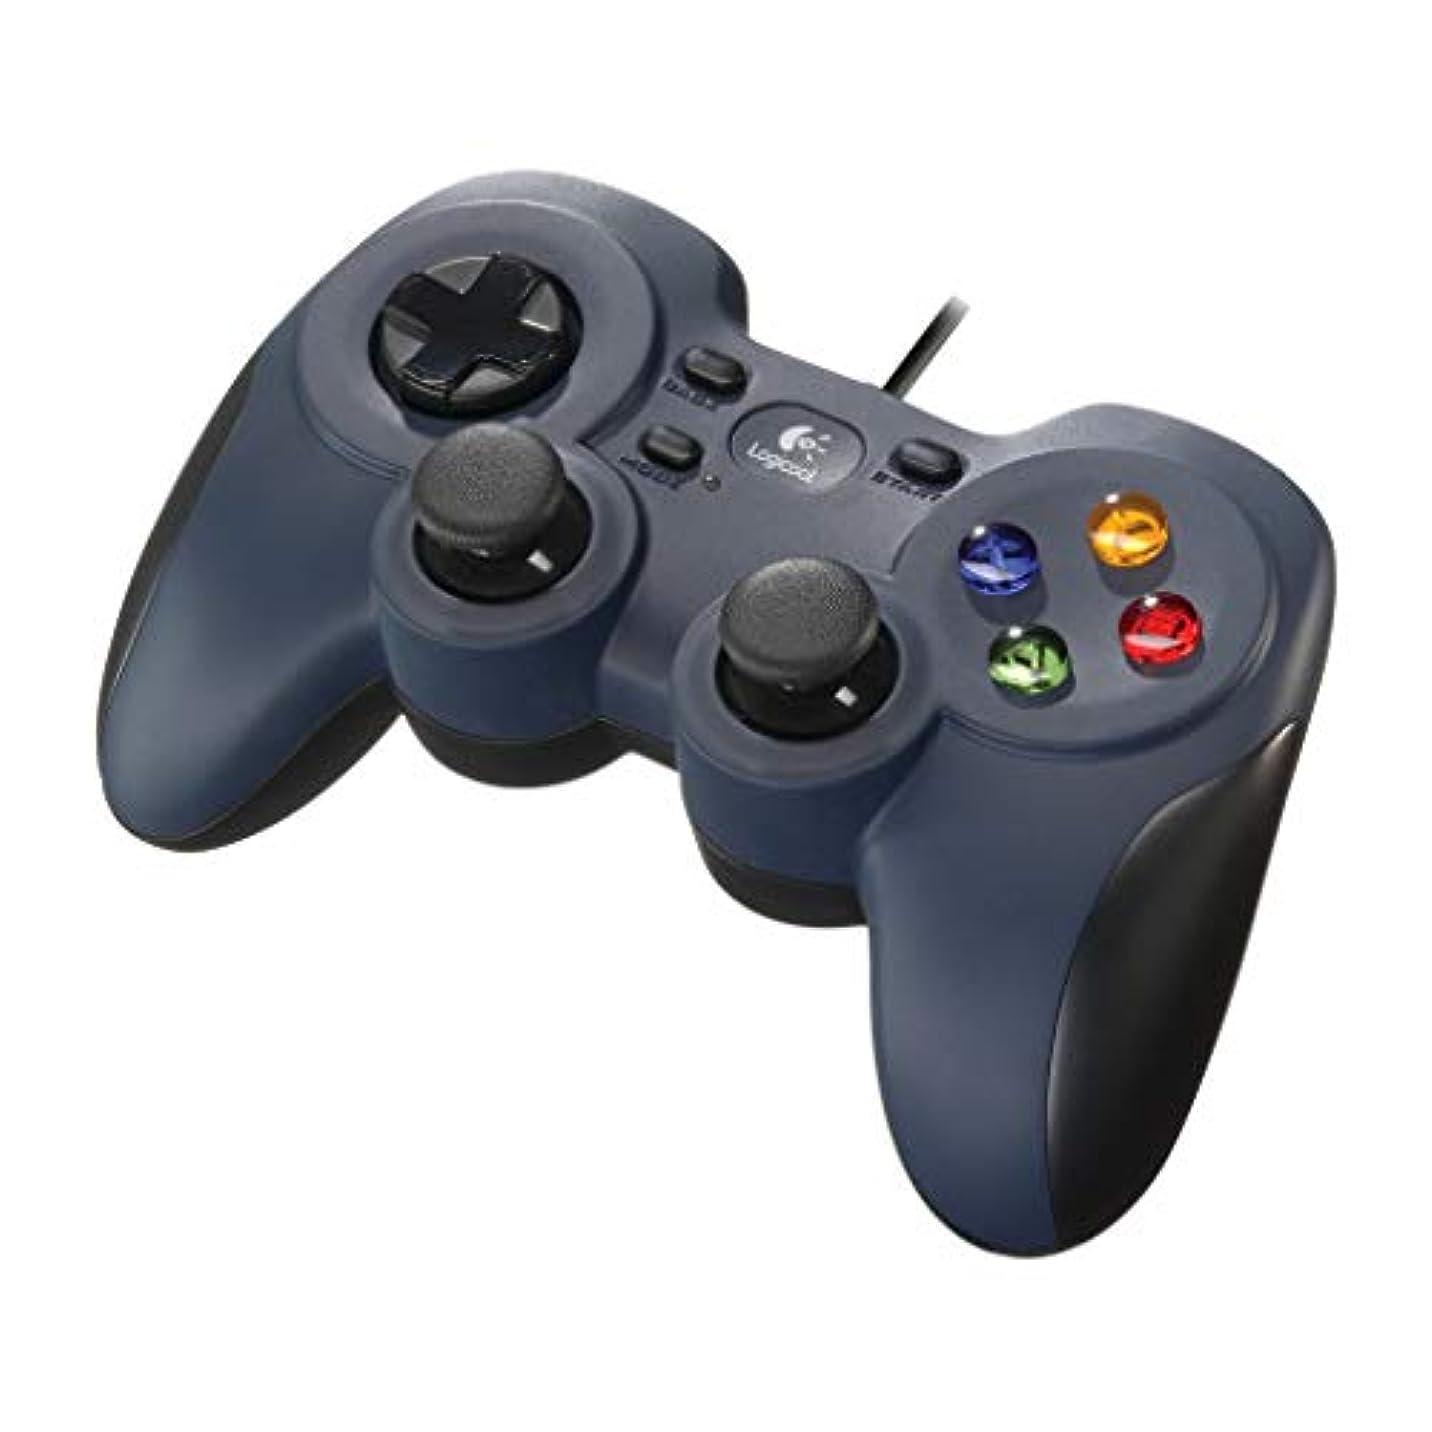 資源熟した行うLogicool G ゲームパッド F310r ダークブルー PC ゲームコントローラー  FF14推奨 Xinput F310 国内正規品 2年間メーカー保証